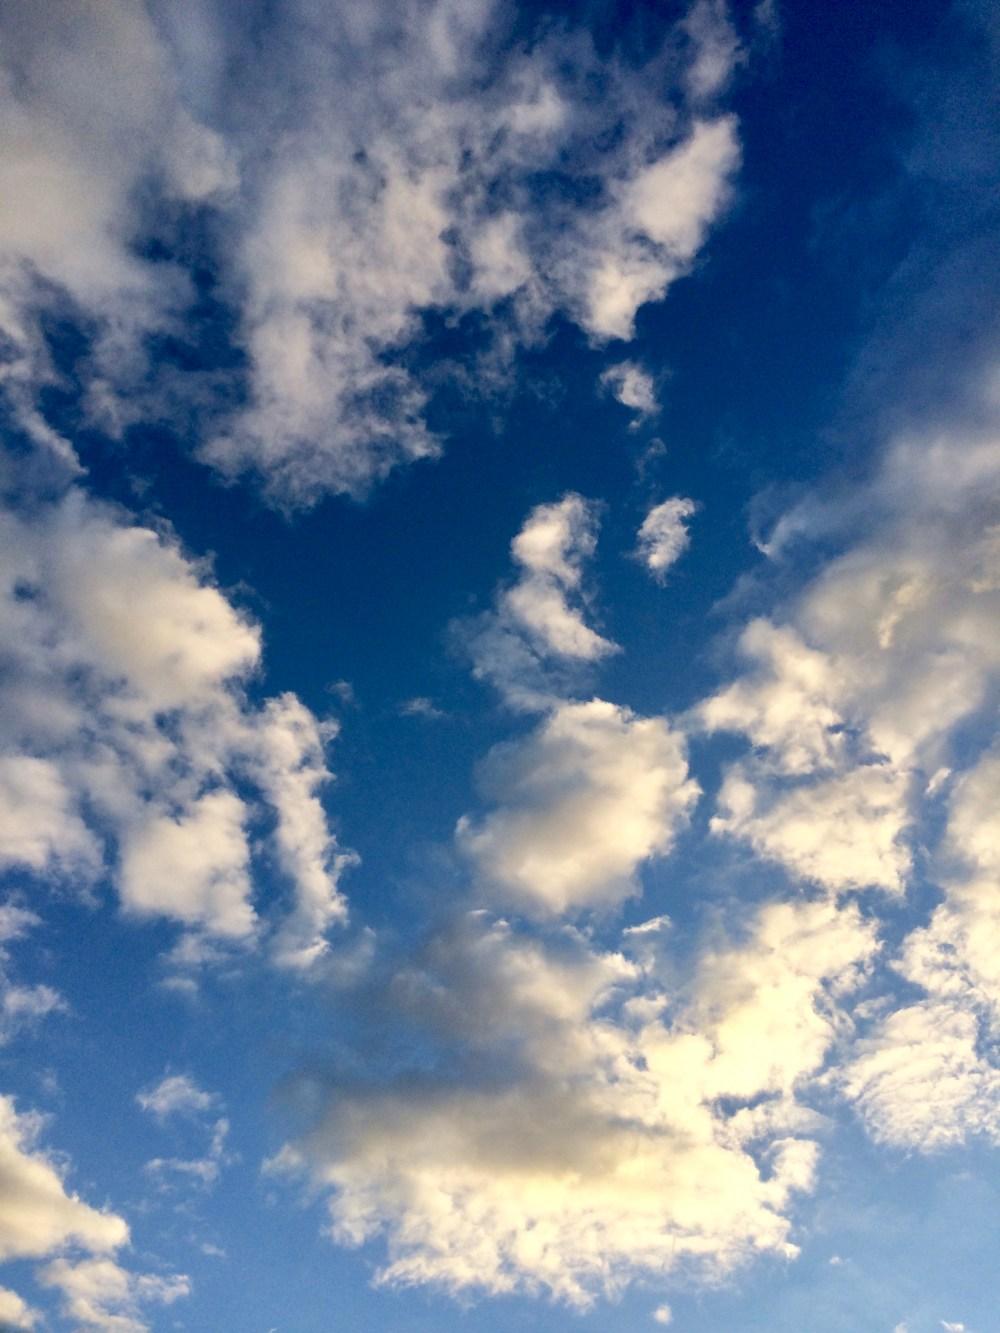 Bewölkter Himmel, bei dem man die Inseln von Großbritannien erkennen könnte